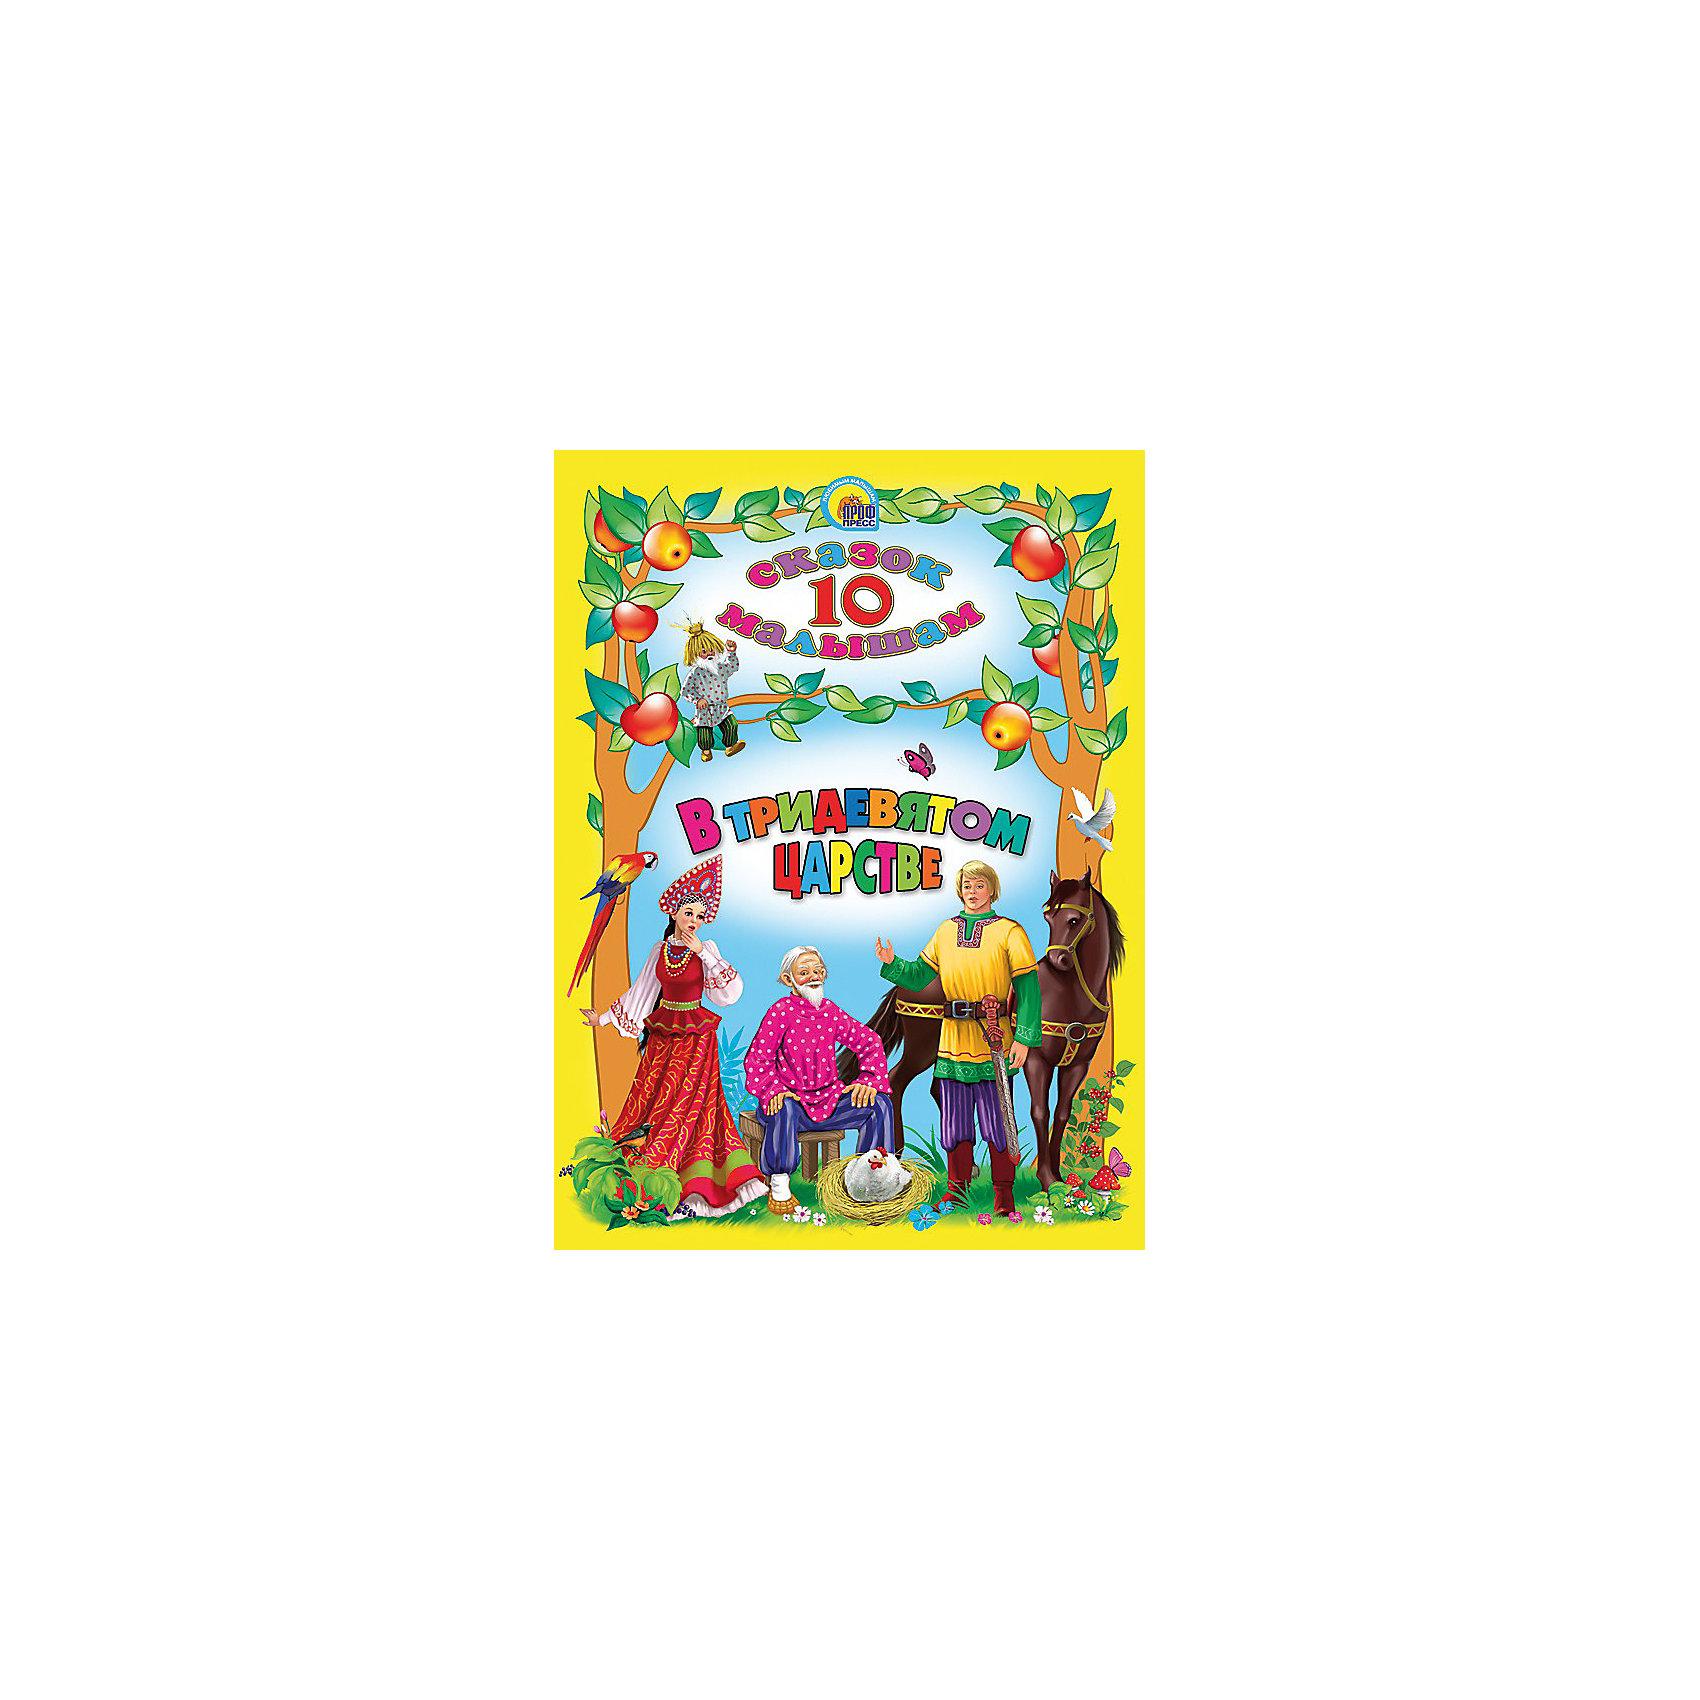 Сборник 10 сказок В тридевятом царствеЛюбимые сказки собраны в серии книг 10 сказок. Замечательные иллюстрации не оставят равнодушными не только детей, но и их родителей.Ваш малыш не только с удовольствием познакомится с содержанием известных сказок, но и получит первые уроки доброты, юмора и смекалки.<br><br>В книгу включены следующие сказки: Морозко, Козей Бессмертный и Иван-царевич, Добрыня Никитич и Змей Горыныч, Иван - крестьянский сын и чудо-юдо, Зорька, Вечорка и Полуночка, Марья-краса - долгая коса, Морской царь и Василиса Премудрая, Заколдованная королевна, Никита Кожемяка, Баба Яга и Заморышек.<br><br>Материал: бумага офсетная, обложка твердая.<br>Книга содержит 128 стр.<br><br>Ширина мм: 162<br>Глубина мм: 15<br>Высота мм: 220<br>Вес г: 272<br>Возраст от месяцев: 48<br>Возраст до месяцев: 72<br>Пол: Унисекс<br>Возраст: Детский<br>SKU: 2499673